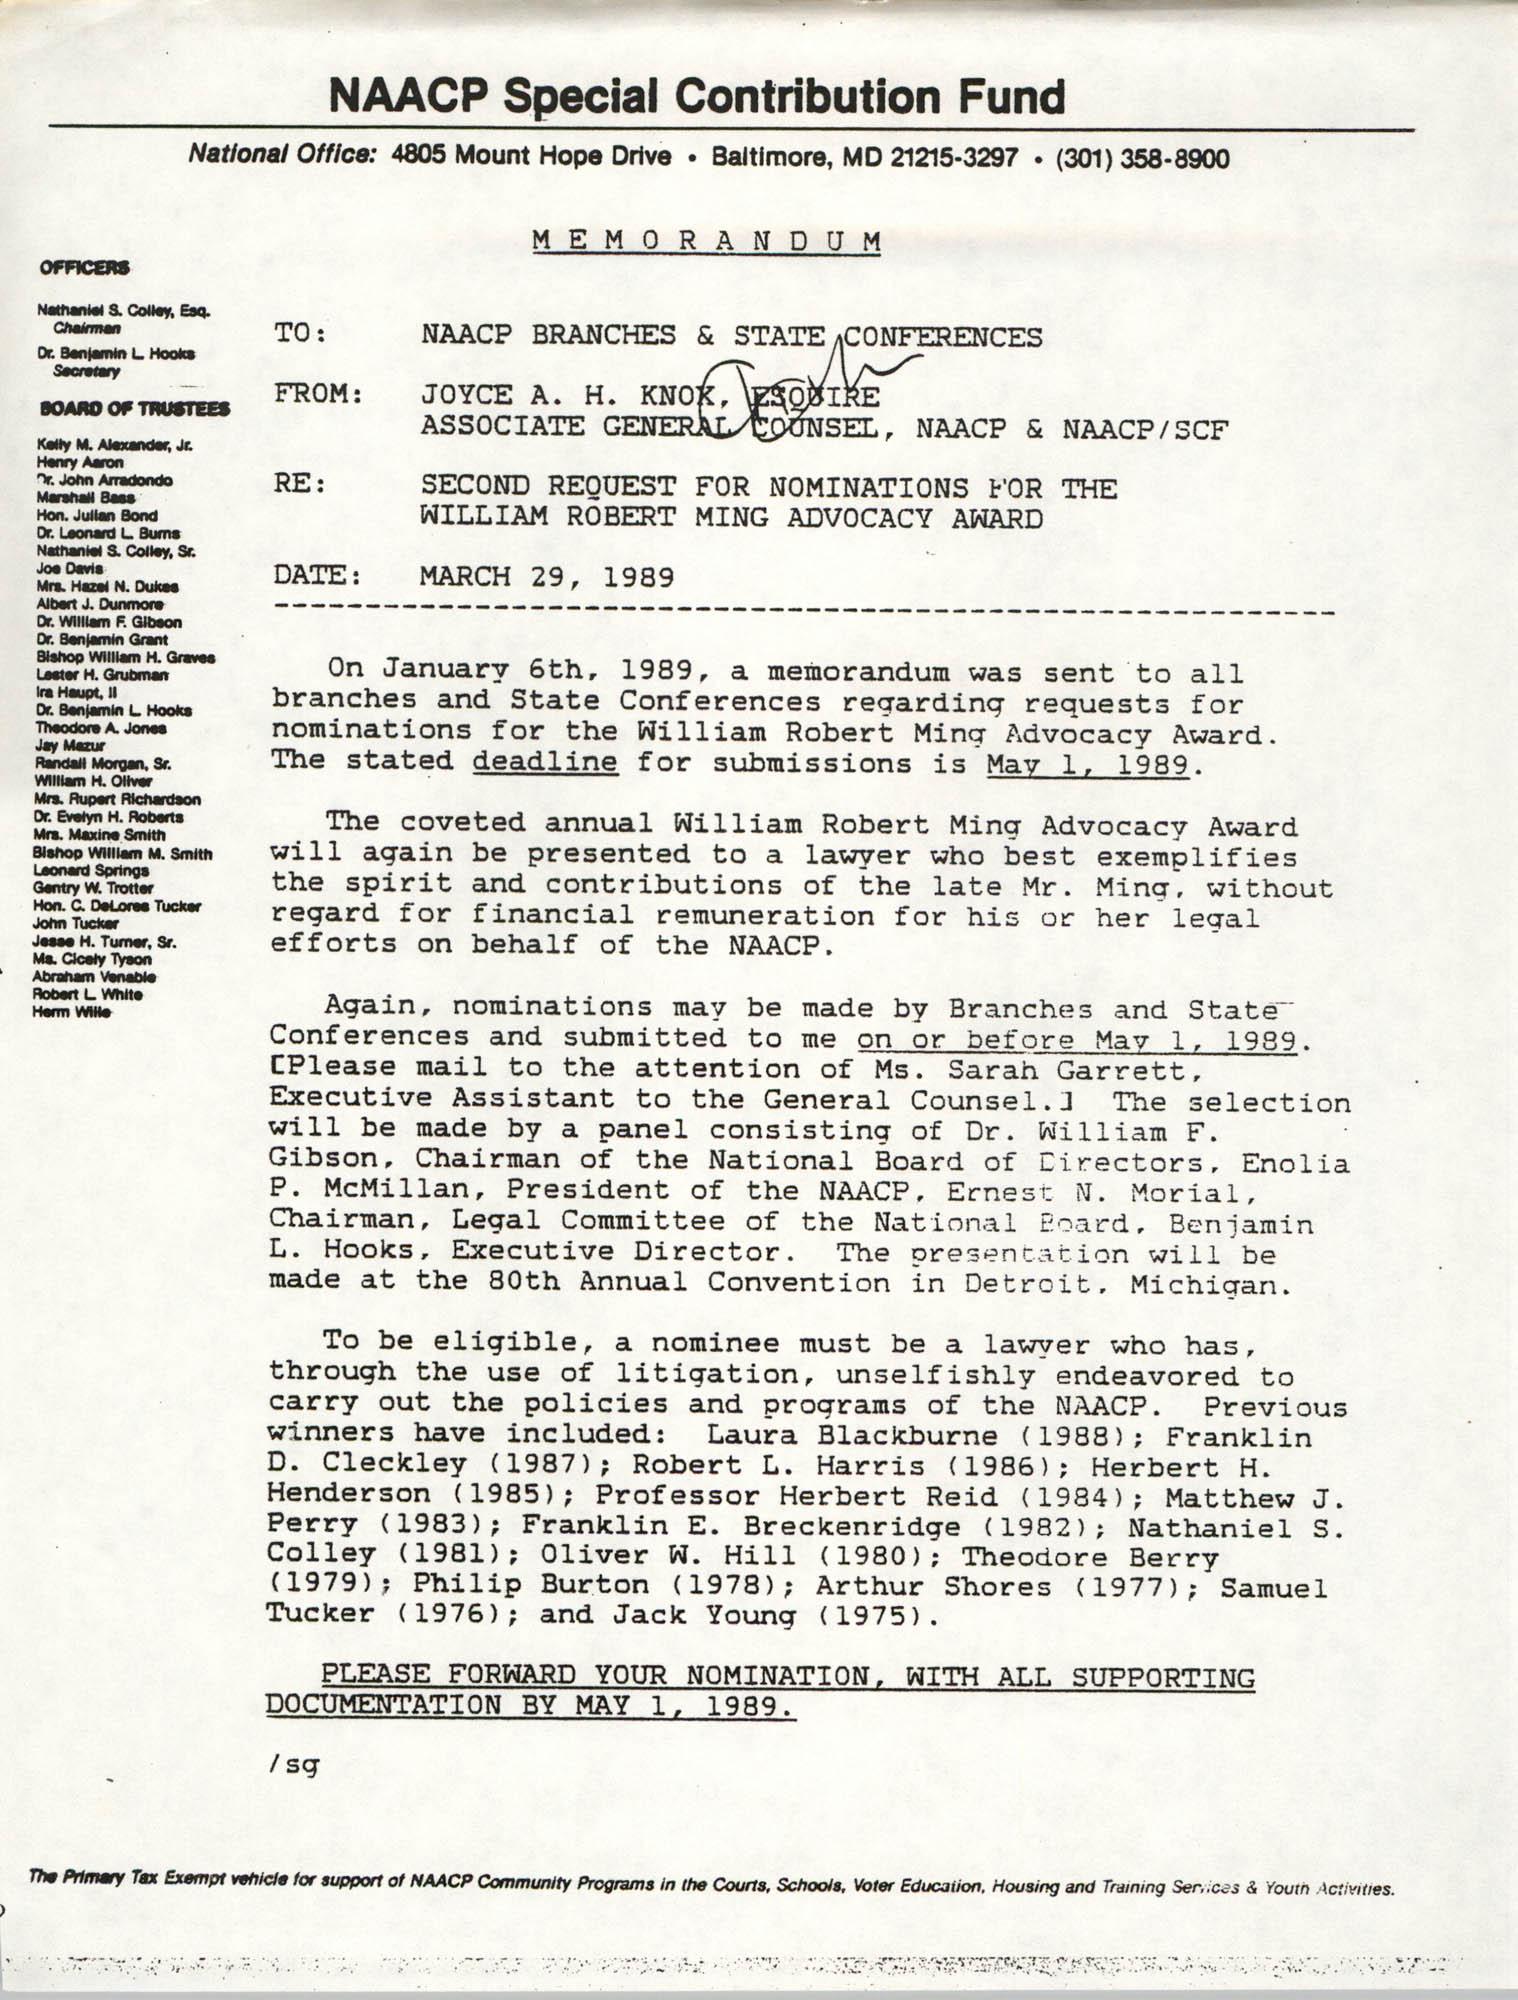 Memorandum, Joyce A.H. Knox, March 29, 1989